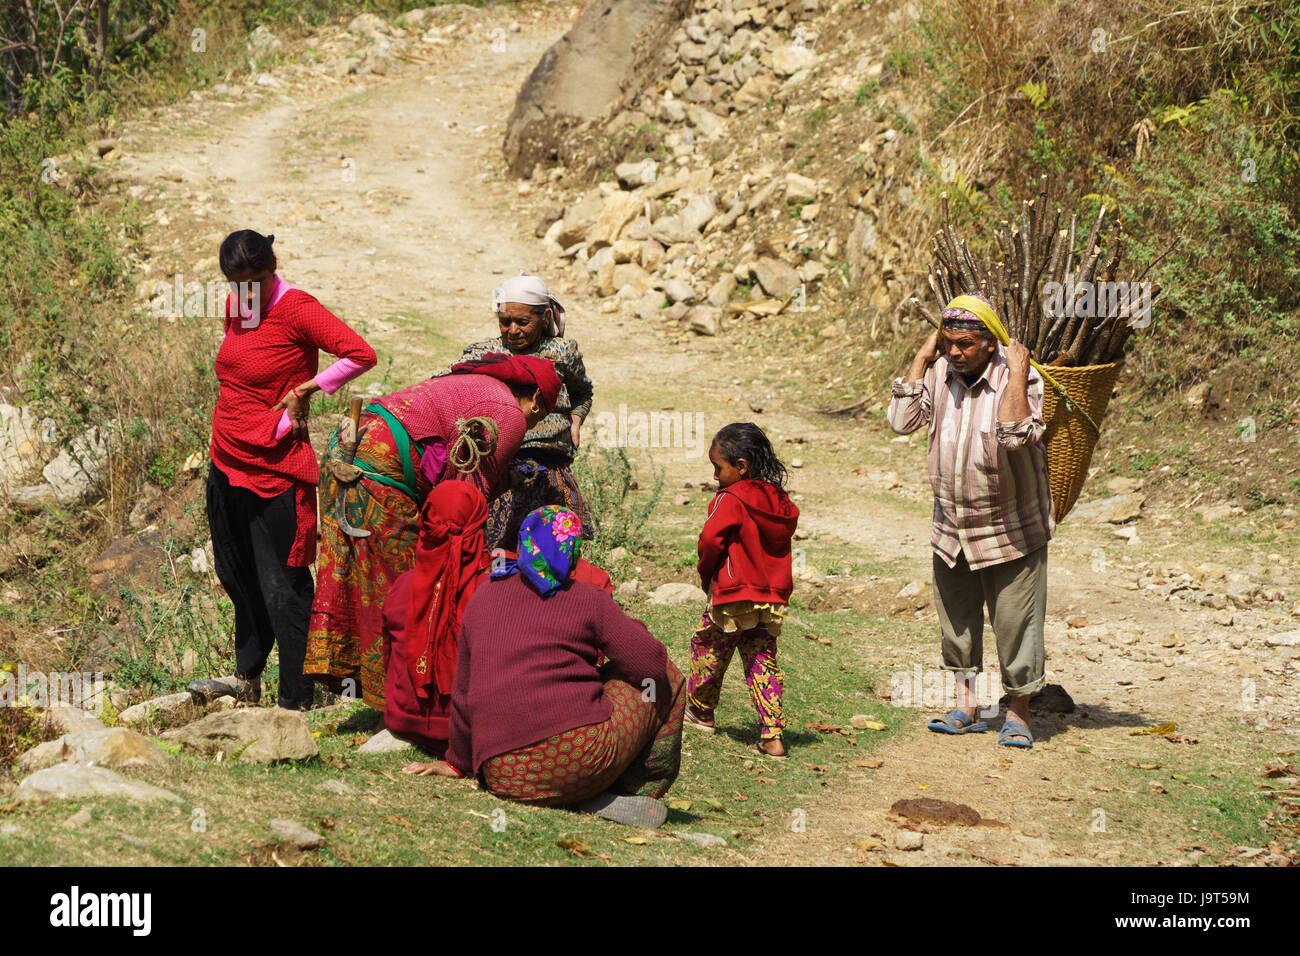 Die Menschen vor Ort auf die Annapurna Umrundung zwischen Lili bhir und ghermu. Stockbild